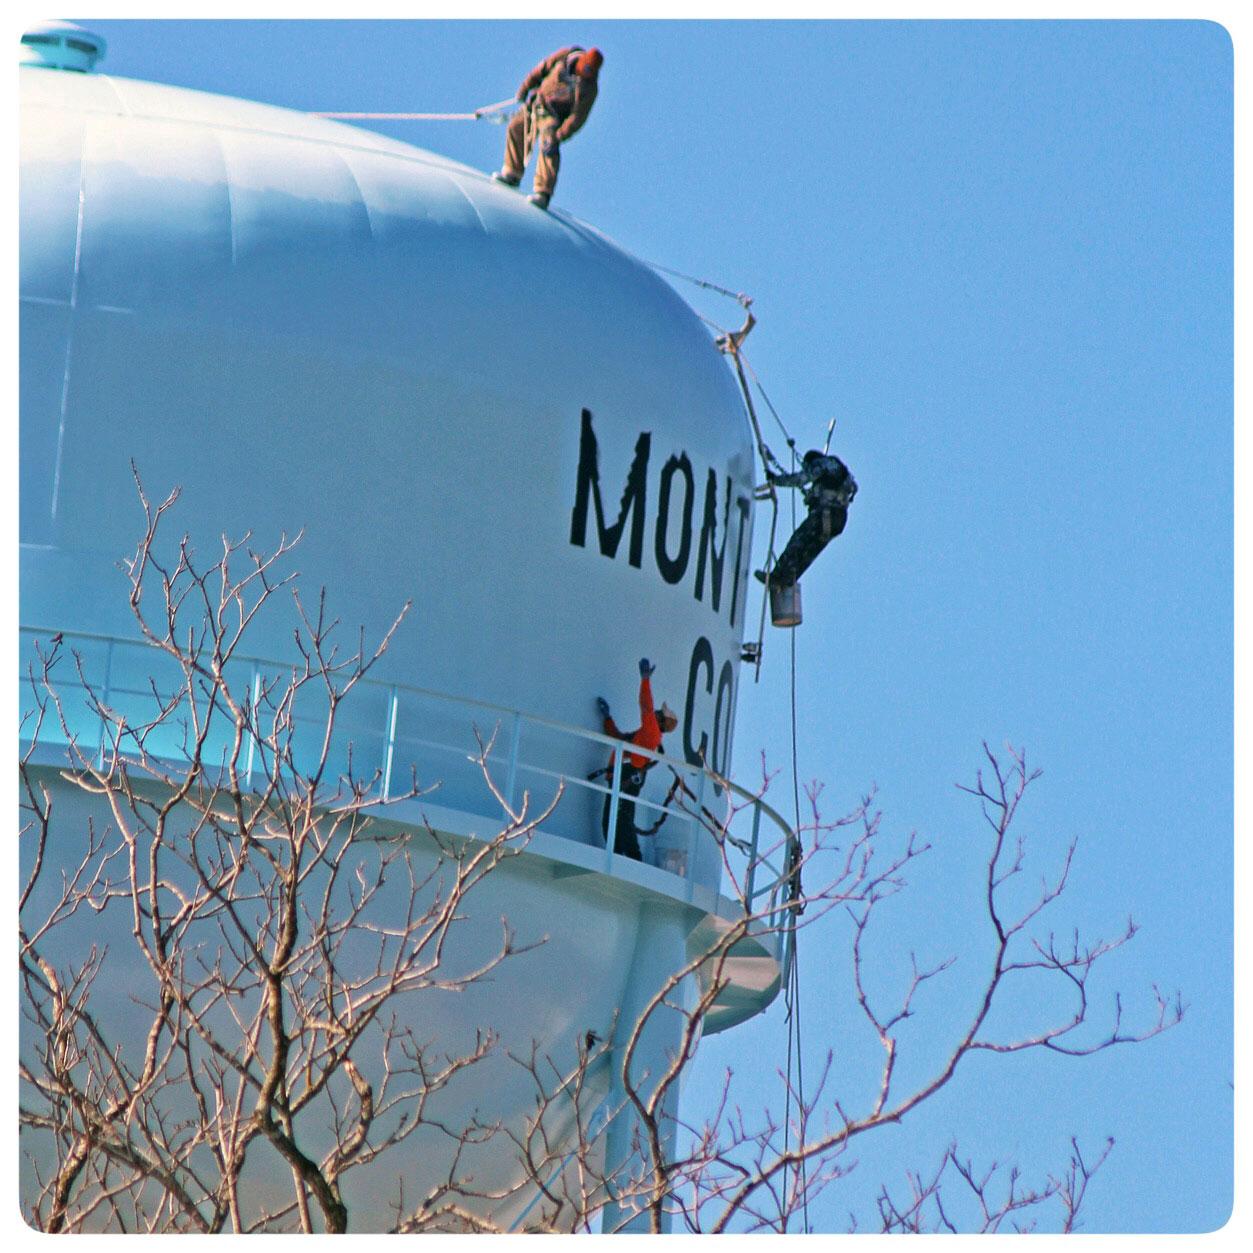 Montgomery County North Carolina Water Tower- Landmark at entrance to Bulldog Pottery, Seagrove North Carolina